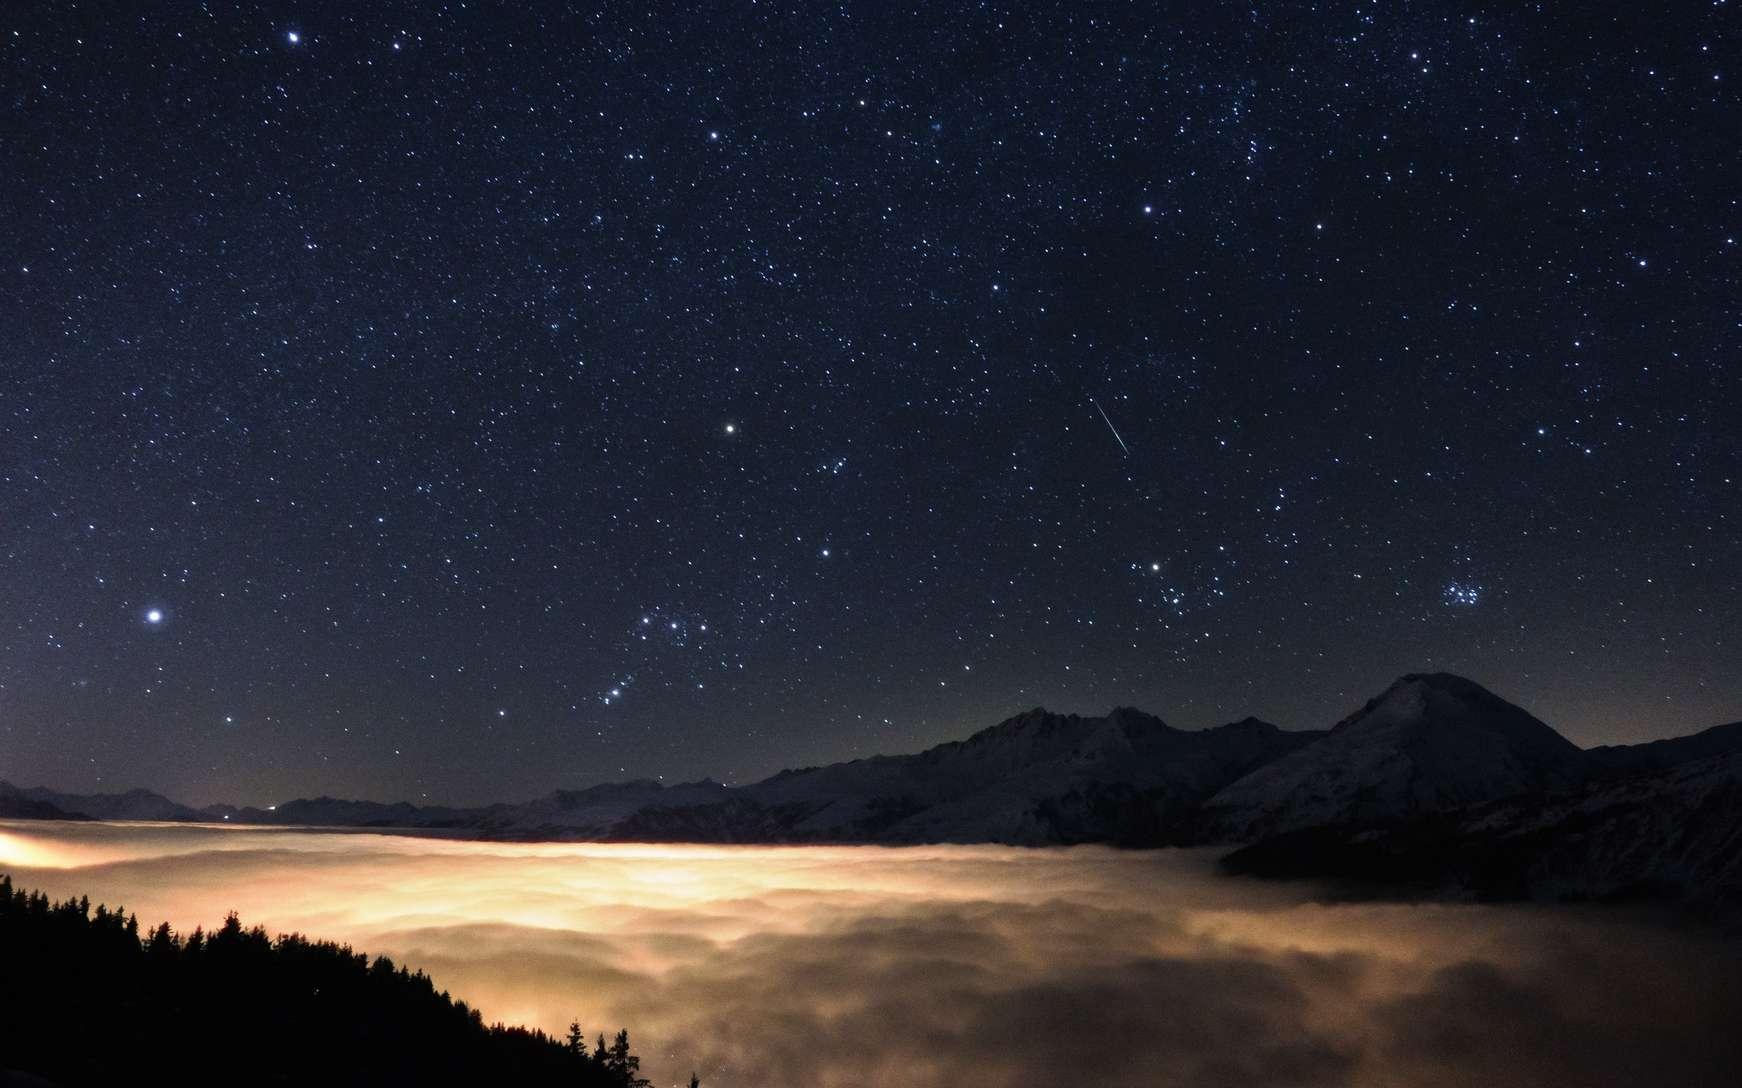 Les constellations emblématiques du ciel d'hiver au-dessus de l'horizon ouest et nord-ouest. Sirius, l'étoile la plus brillante du ciel, est visible à gauche. Bételgeuse, dans Orion (visible à droite de Sirius), est la neuvième étoile la plus brillante. Rigel, également dans Orion (ici sous l'horizon) est la sixième étoile la plus brillante du ciel terrestre. © Sebastian Voltmer, Fotolia